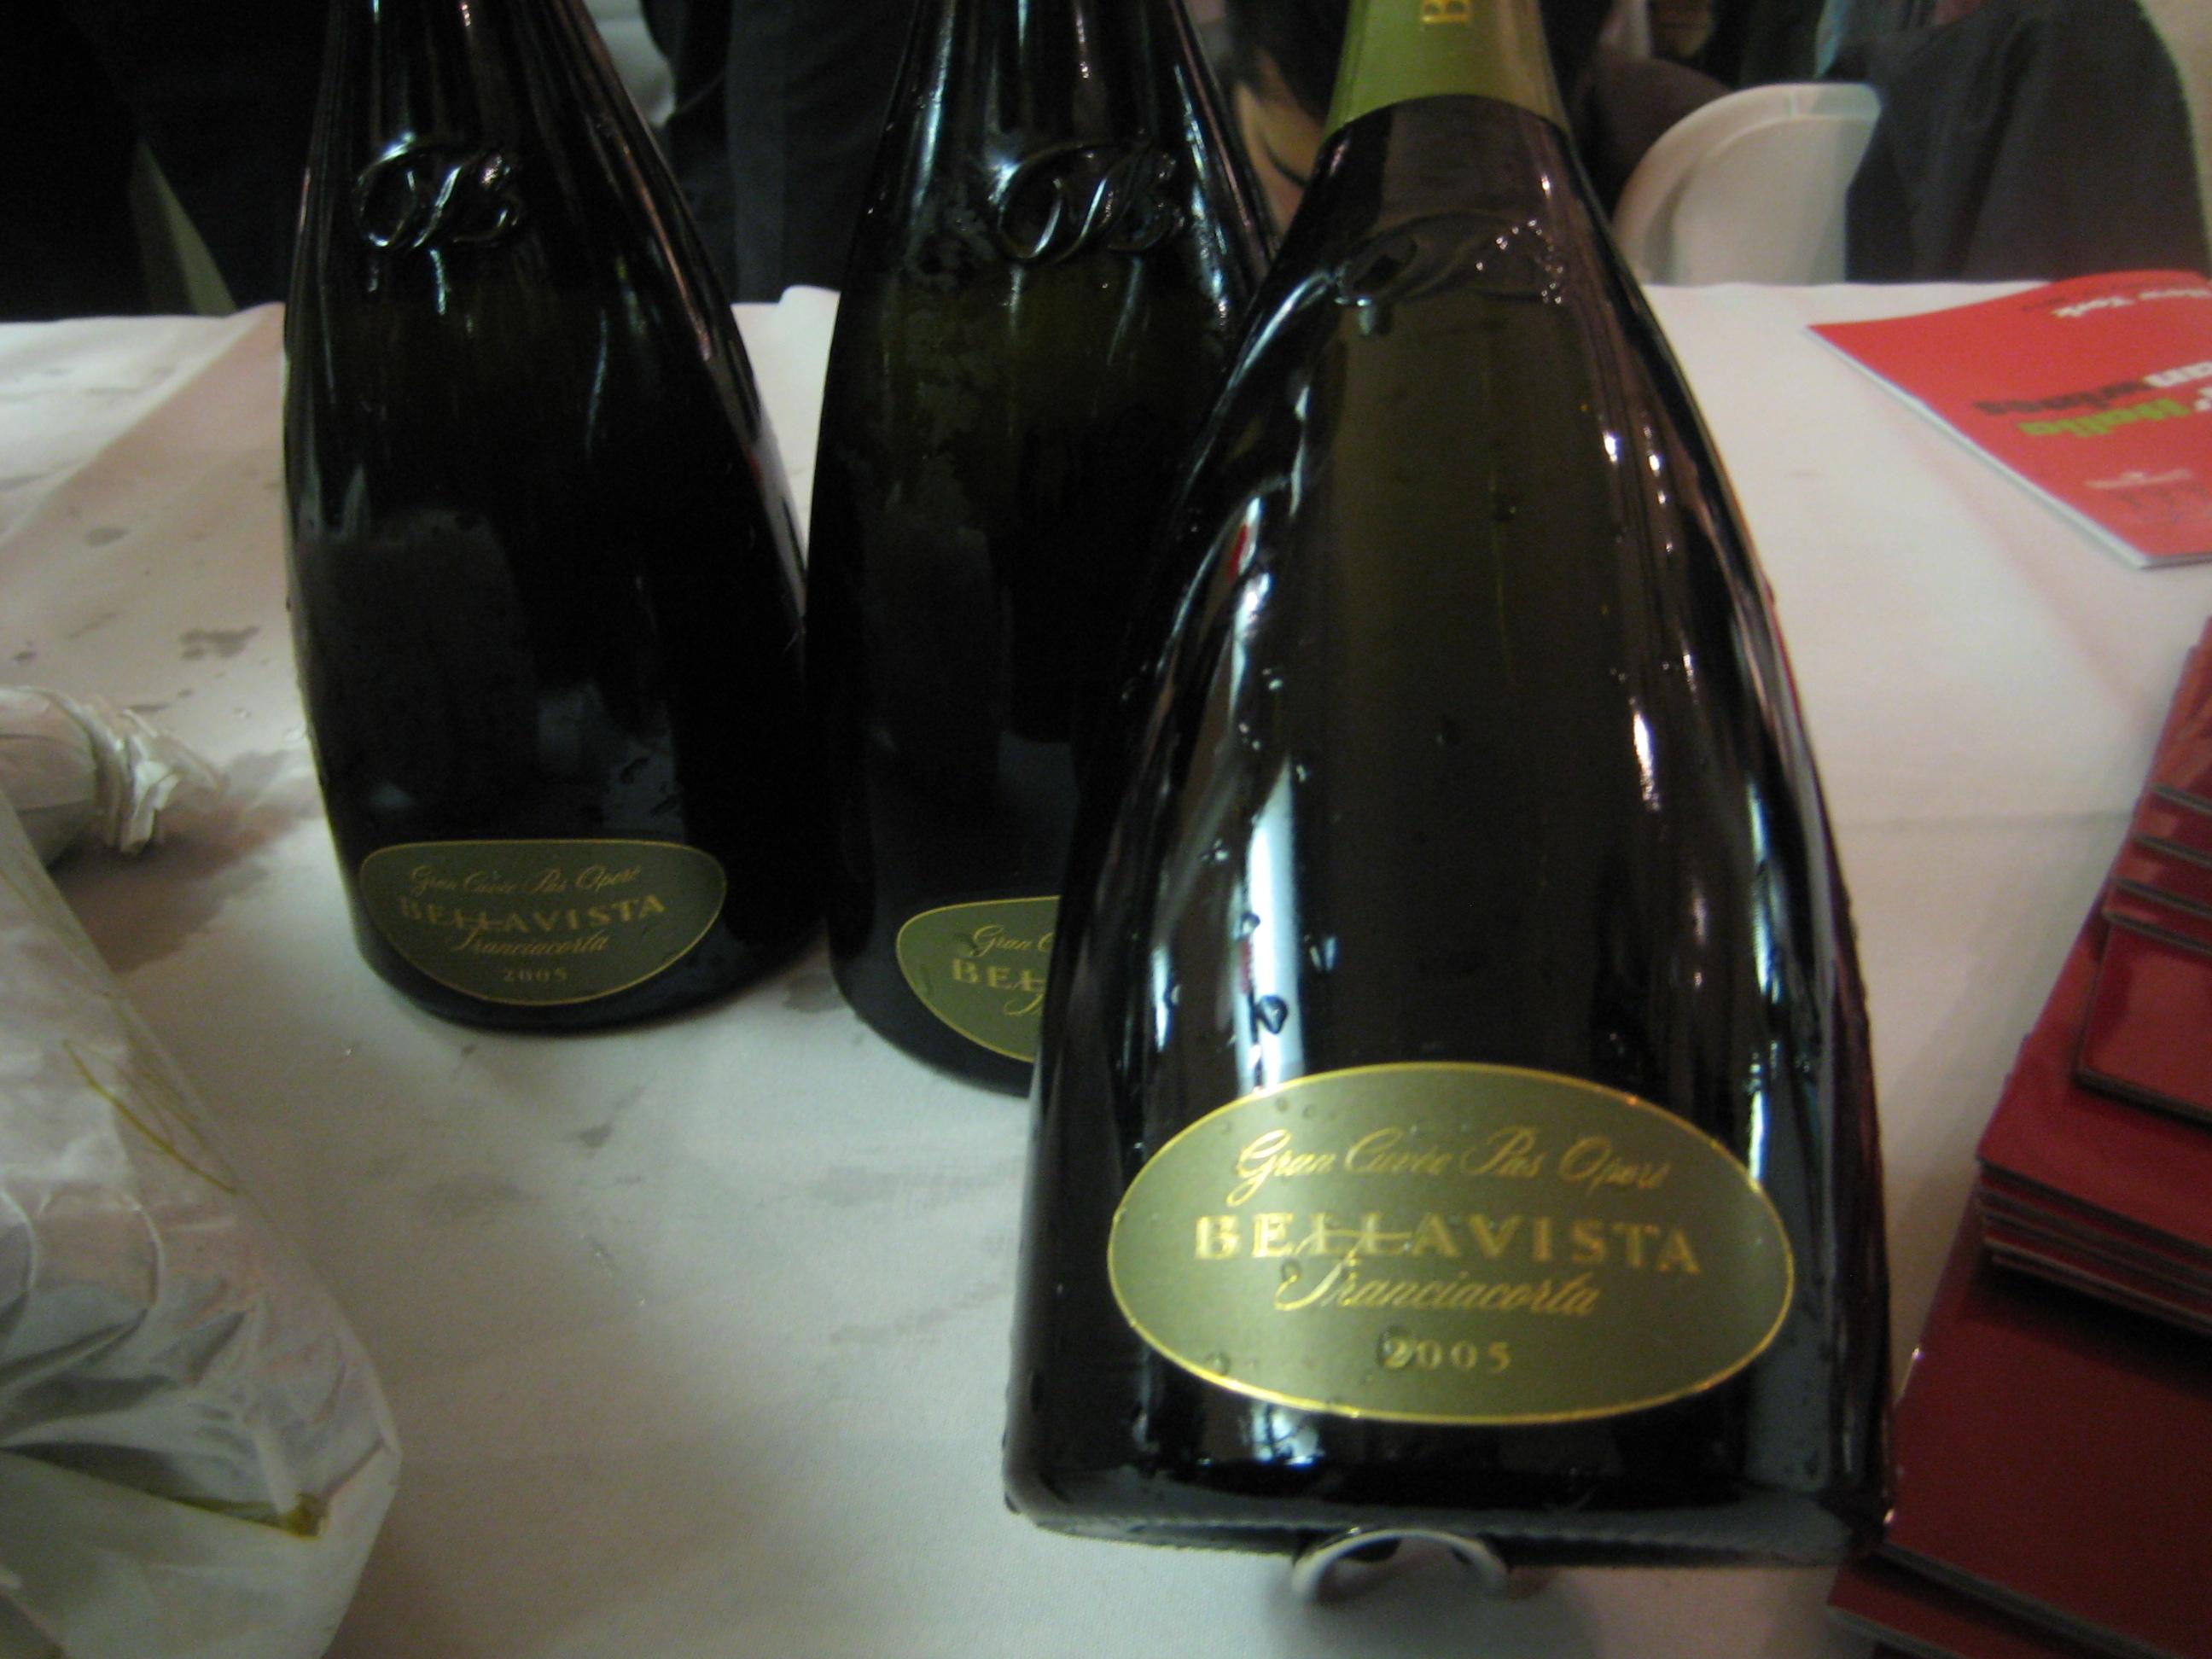 Bellavista Franciacorta Gran Cuvée 2005